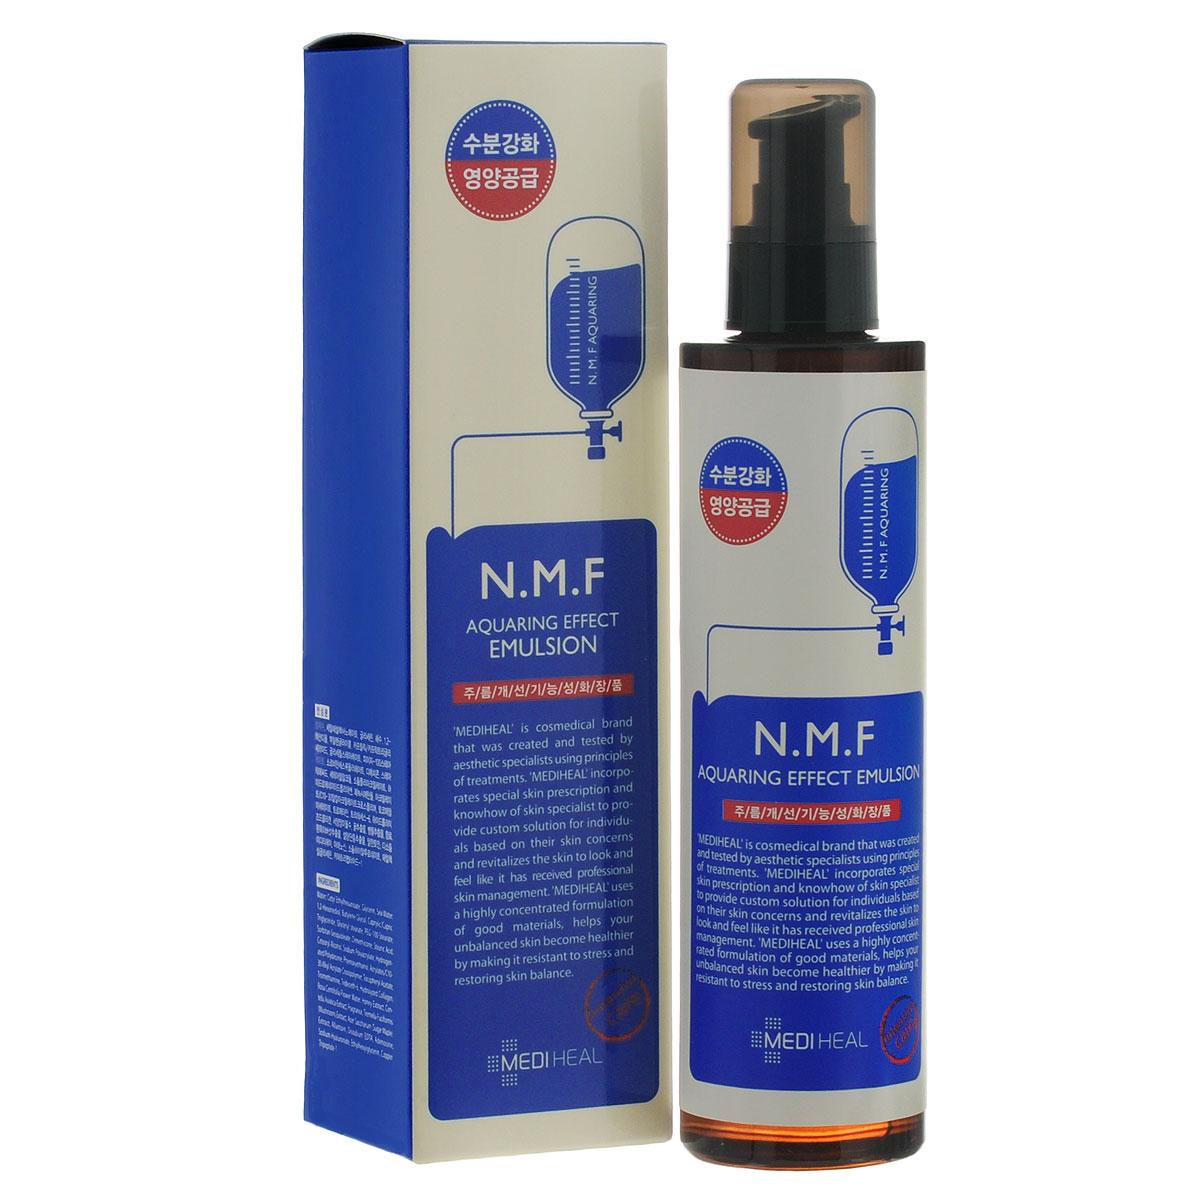 Beauty Clinic Эмульсия для лица Aquaring Effect, с N.M.F., увлажняющая, 145 мл555845Эмульсия содержит N.M.F. и другие активные увлажняющие и подтягивающие компоненты, такие как глубинная морская вода, гиалуроновая кислота, экстракты древесного гриба, сахарного клена, меда, центеллы азиатской. Интенсивно увлажняет, подтягивает и питает кожу, придает ей свежий вид. Способствует разглаживанию морщин. NMF (натуральный увлажняющий фактор) - это сложный комплекс молекул в роговом слое кожи, который способен притягивать и удерживать влагу, обеспечивать упругость и плотность рогового слоя кожи. В состав NMF входят низкомолекулярные пептиды, карбамид, пирролидонкарбоновая кислота, аминокислоты и т. д. При недостаточности увлажняющего фактора происходит обезвоживание эпидермиса. Глубинная морская вода содержит большое количество питательных веществ и 70 видов минералов, которые активно увлажняют кожу, придают ей здоровый вид, делают цвет кожи более естественным, выравнивают тон кожи. Экстракт клена сахарного ускоряет процесс обновления клеток,...